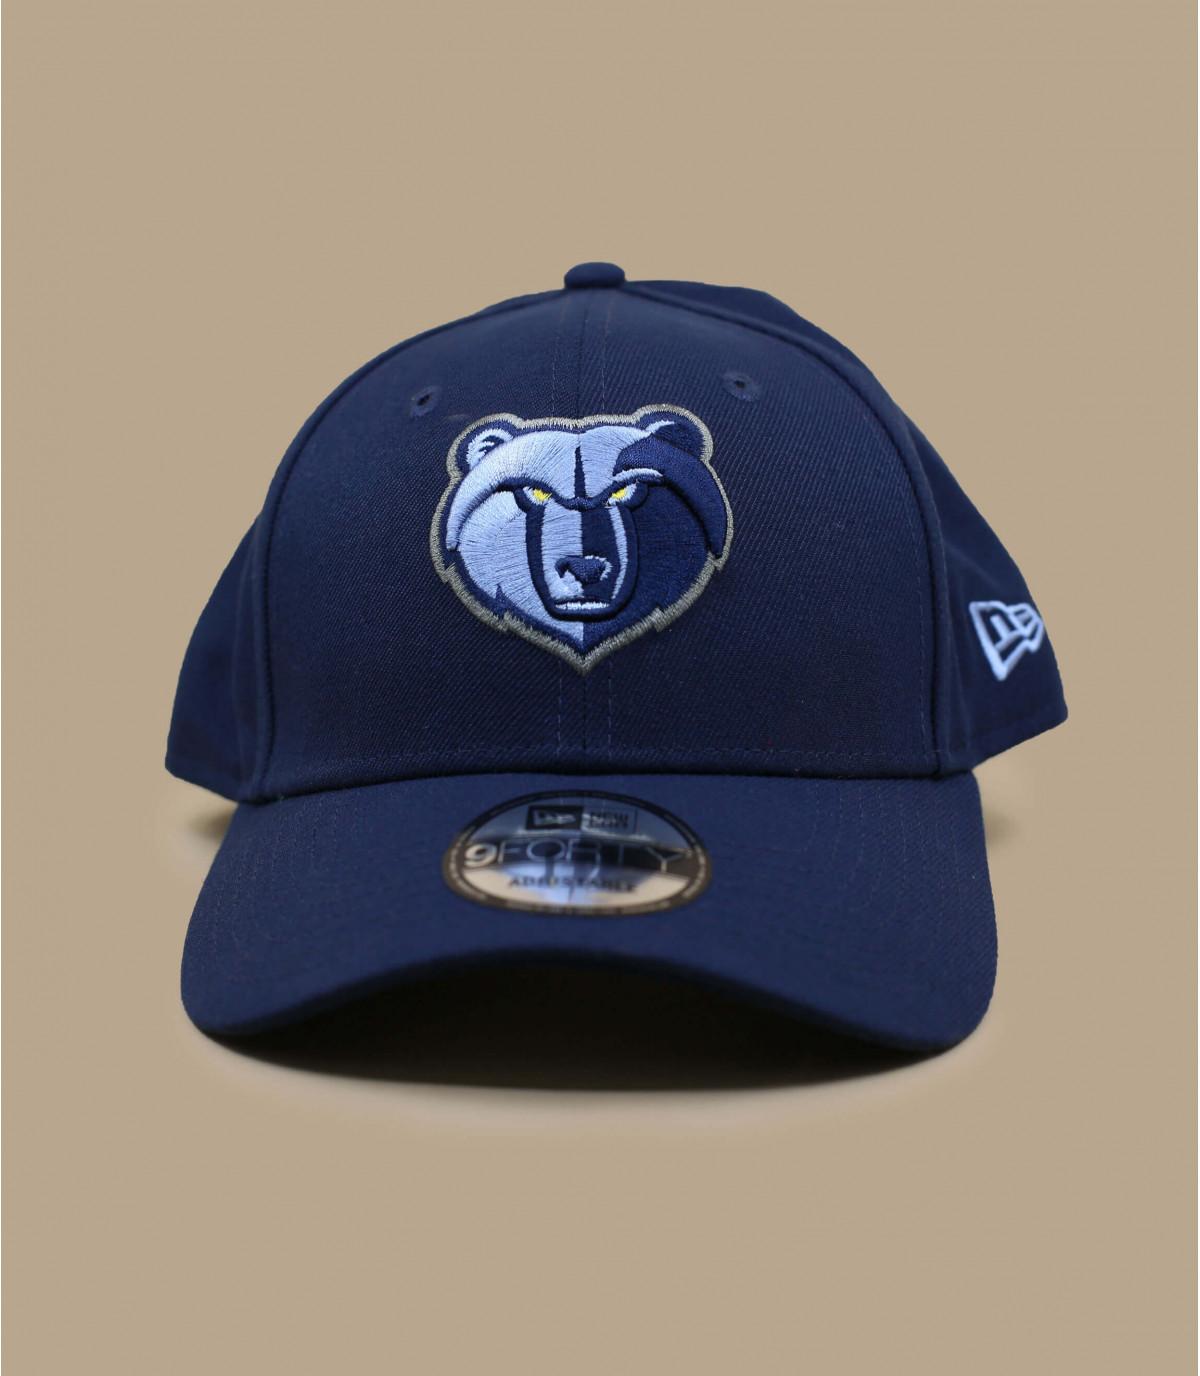 navy blue Grizzlies cap